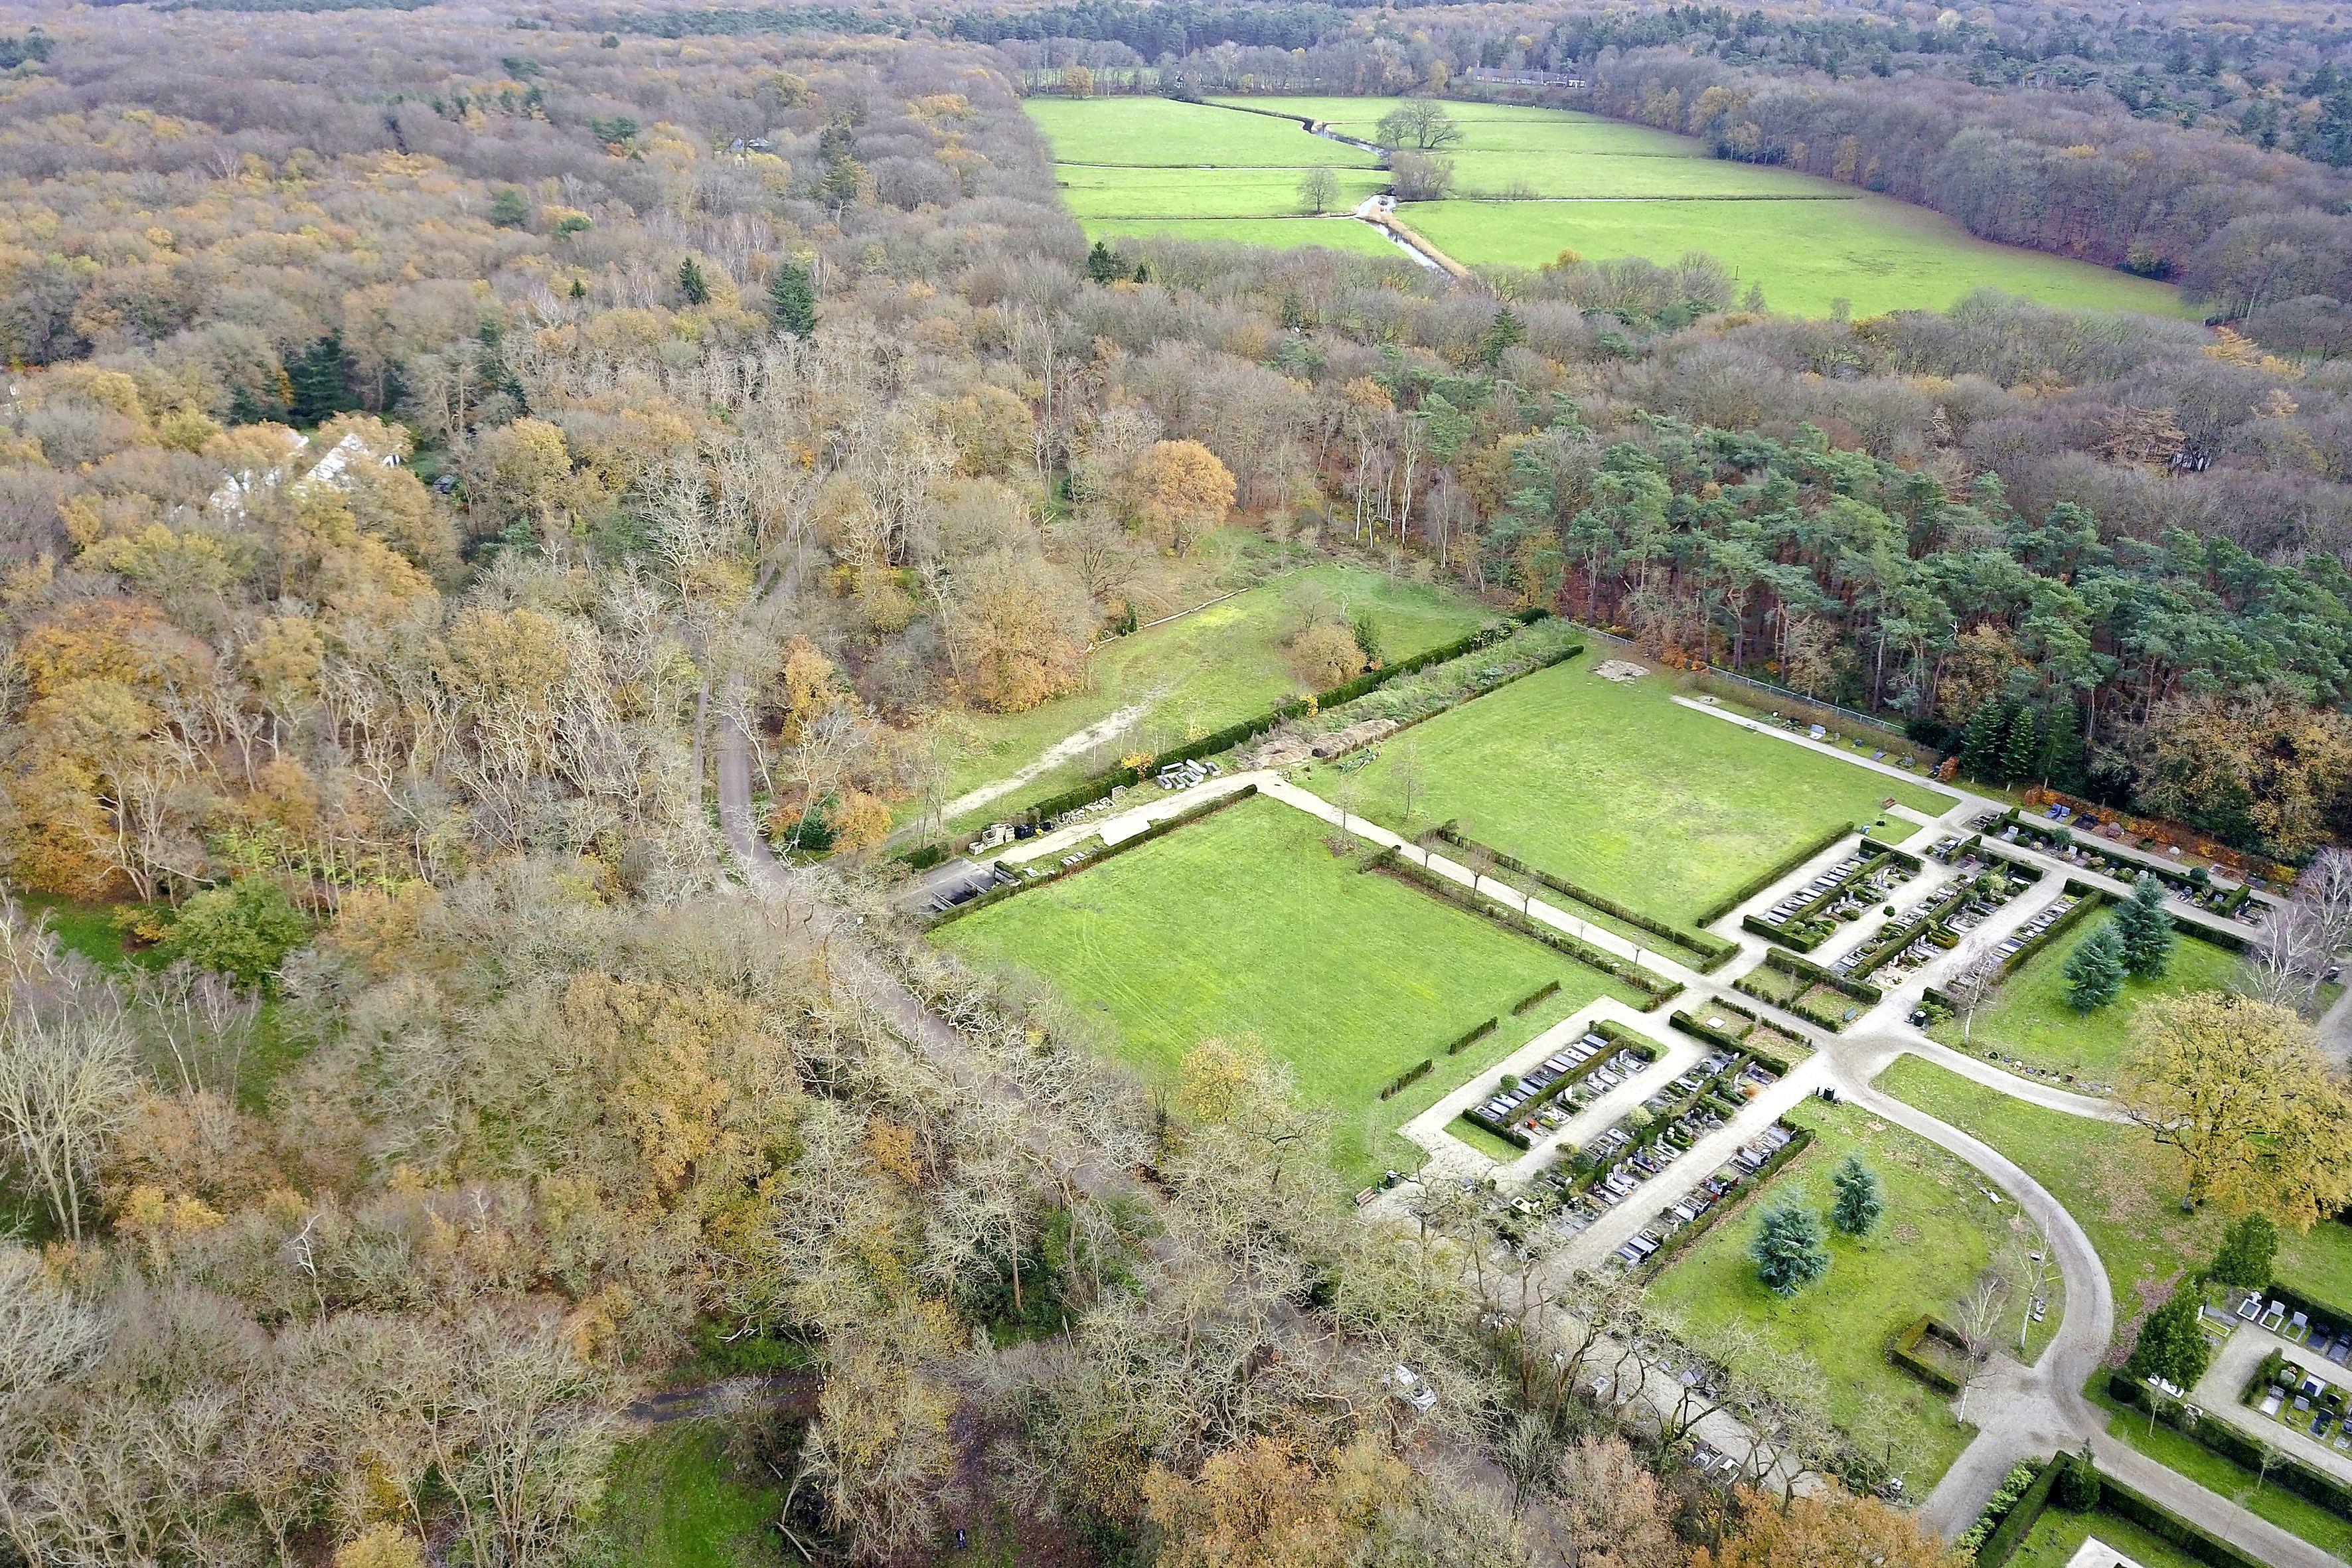 Eerste natuurbegraafplaats van het Gooi in gebruik genomen; rondleidingen voor belangstellenden